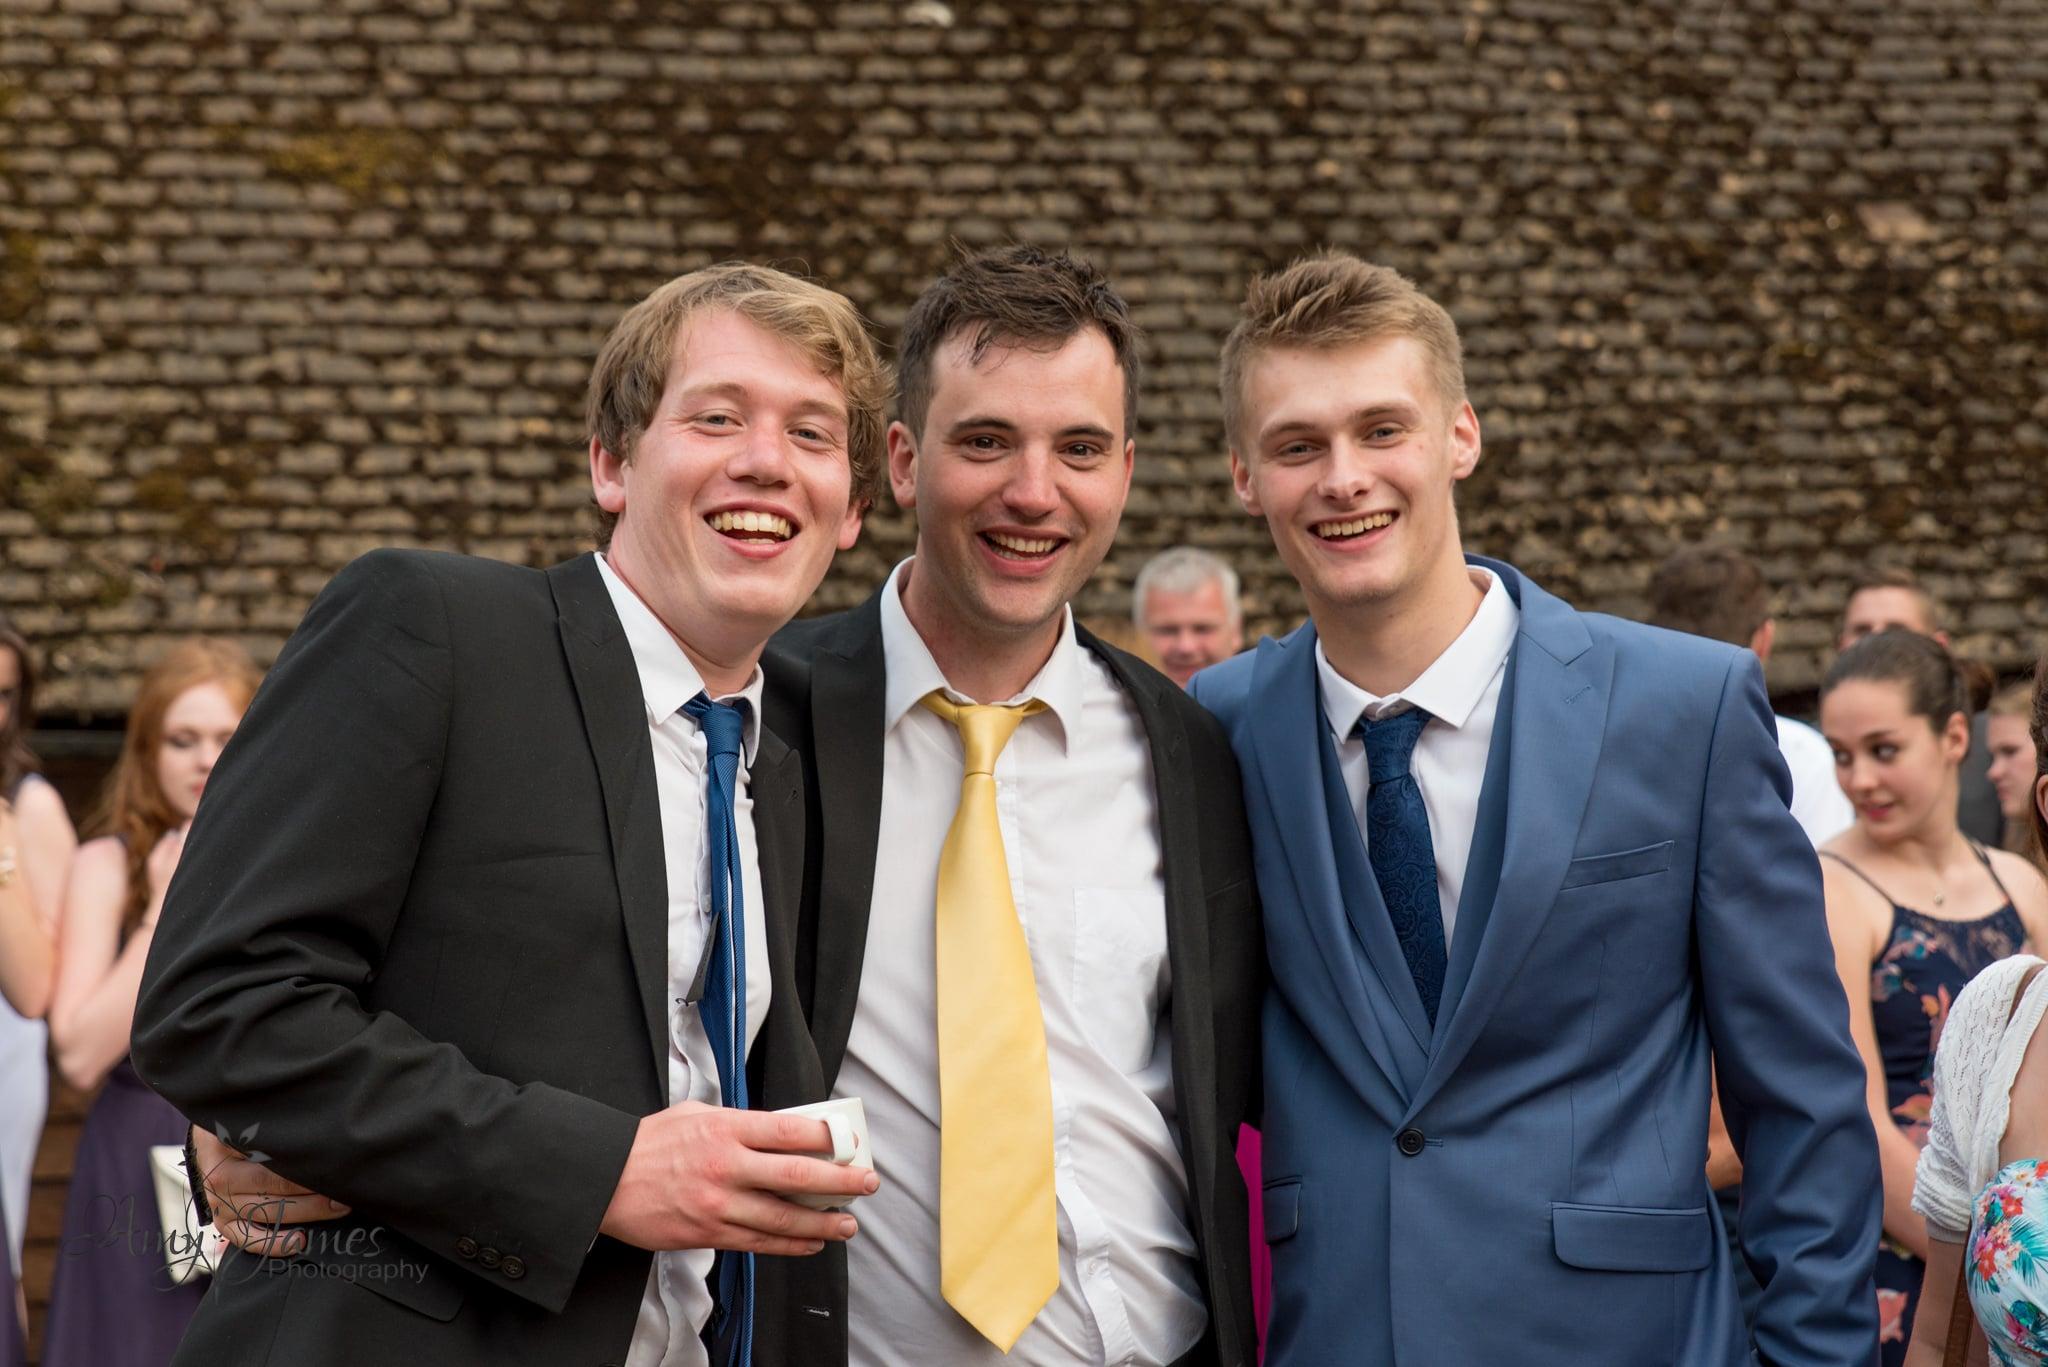 Hampshire wedding photographer / Fleet wedding photographer / Hampshire barn wedding